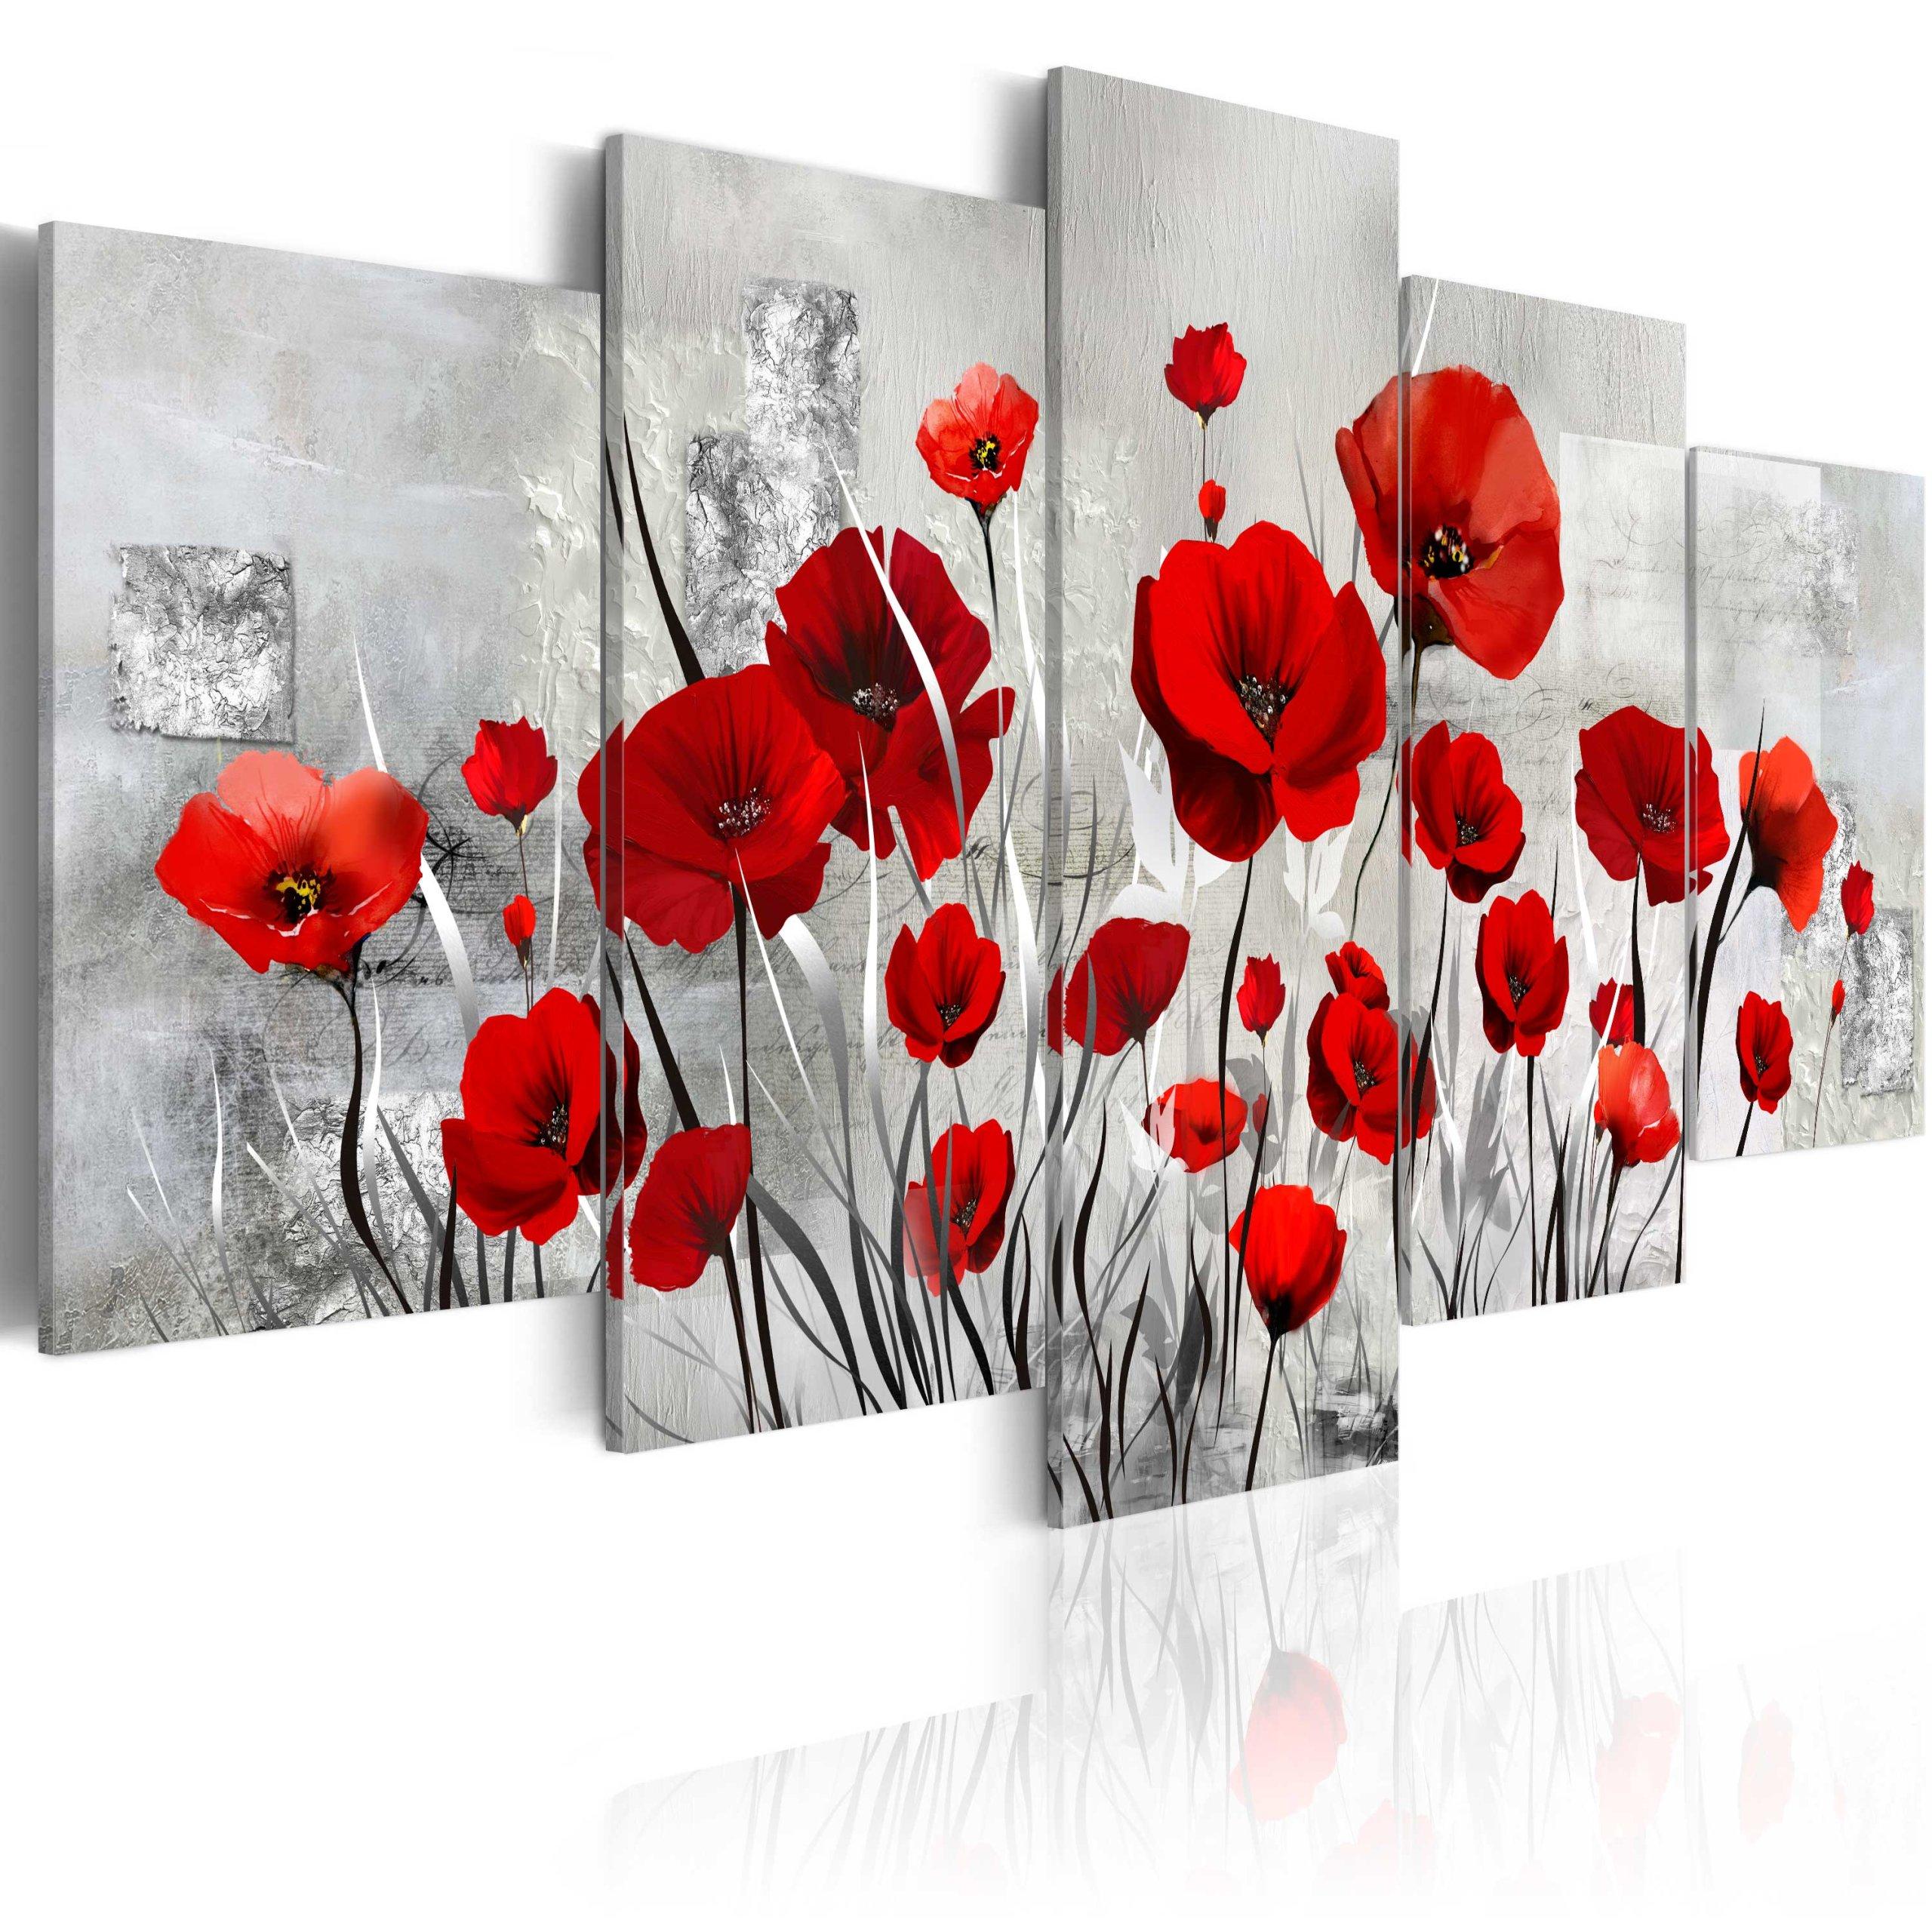 Obrázok 5 dielov 200x100 cm maki kvety B-A-0001-B-n